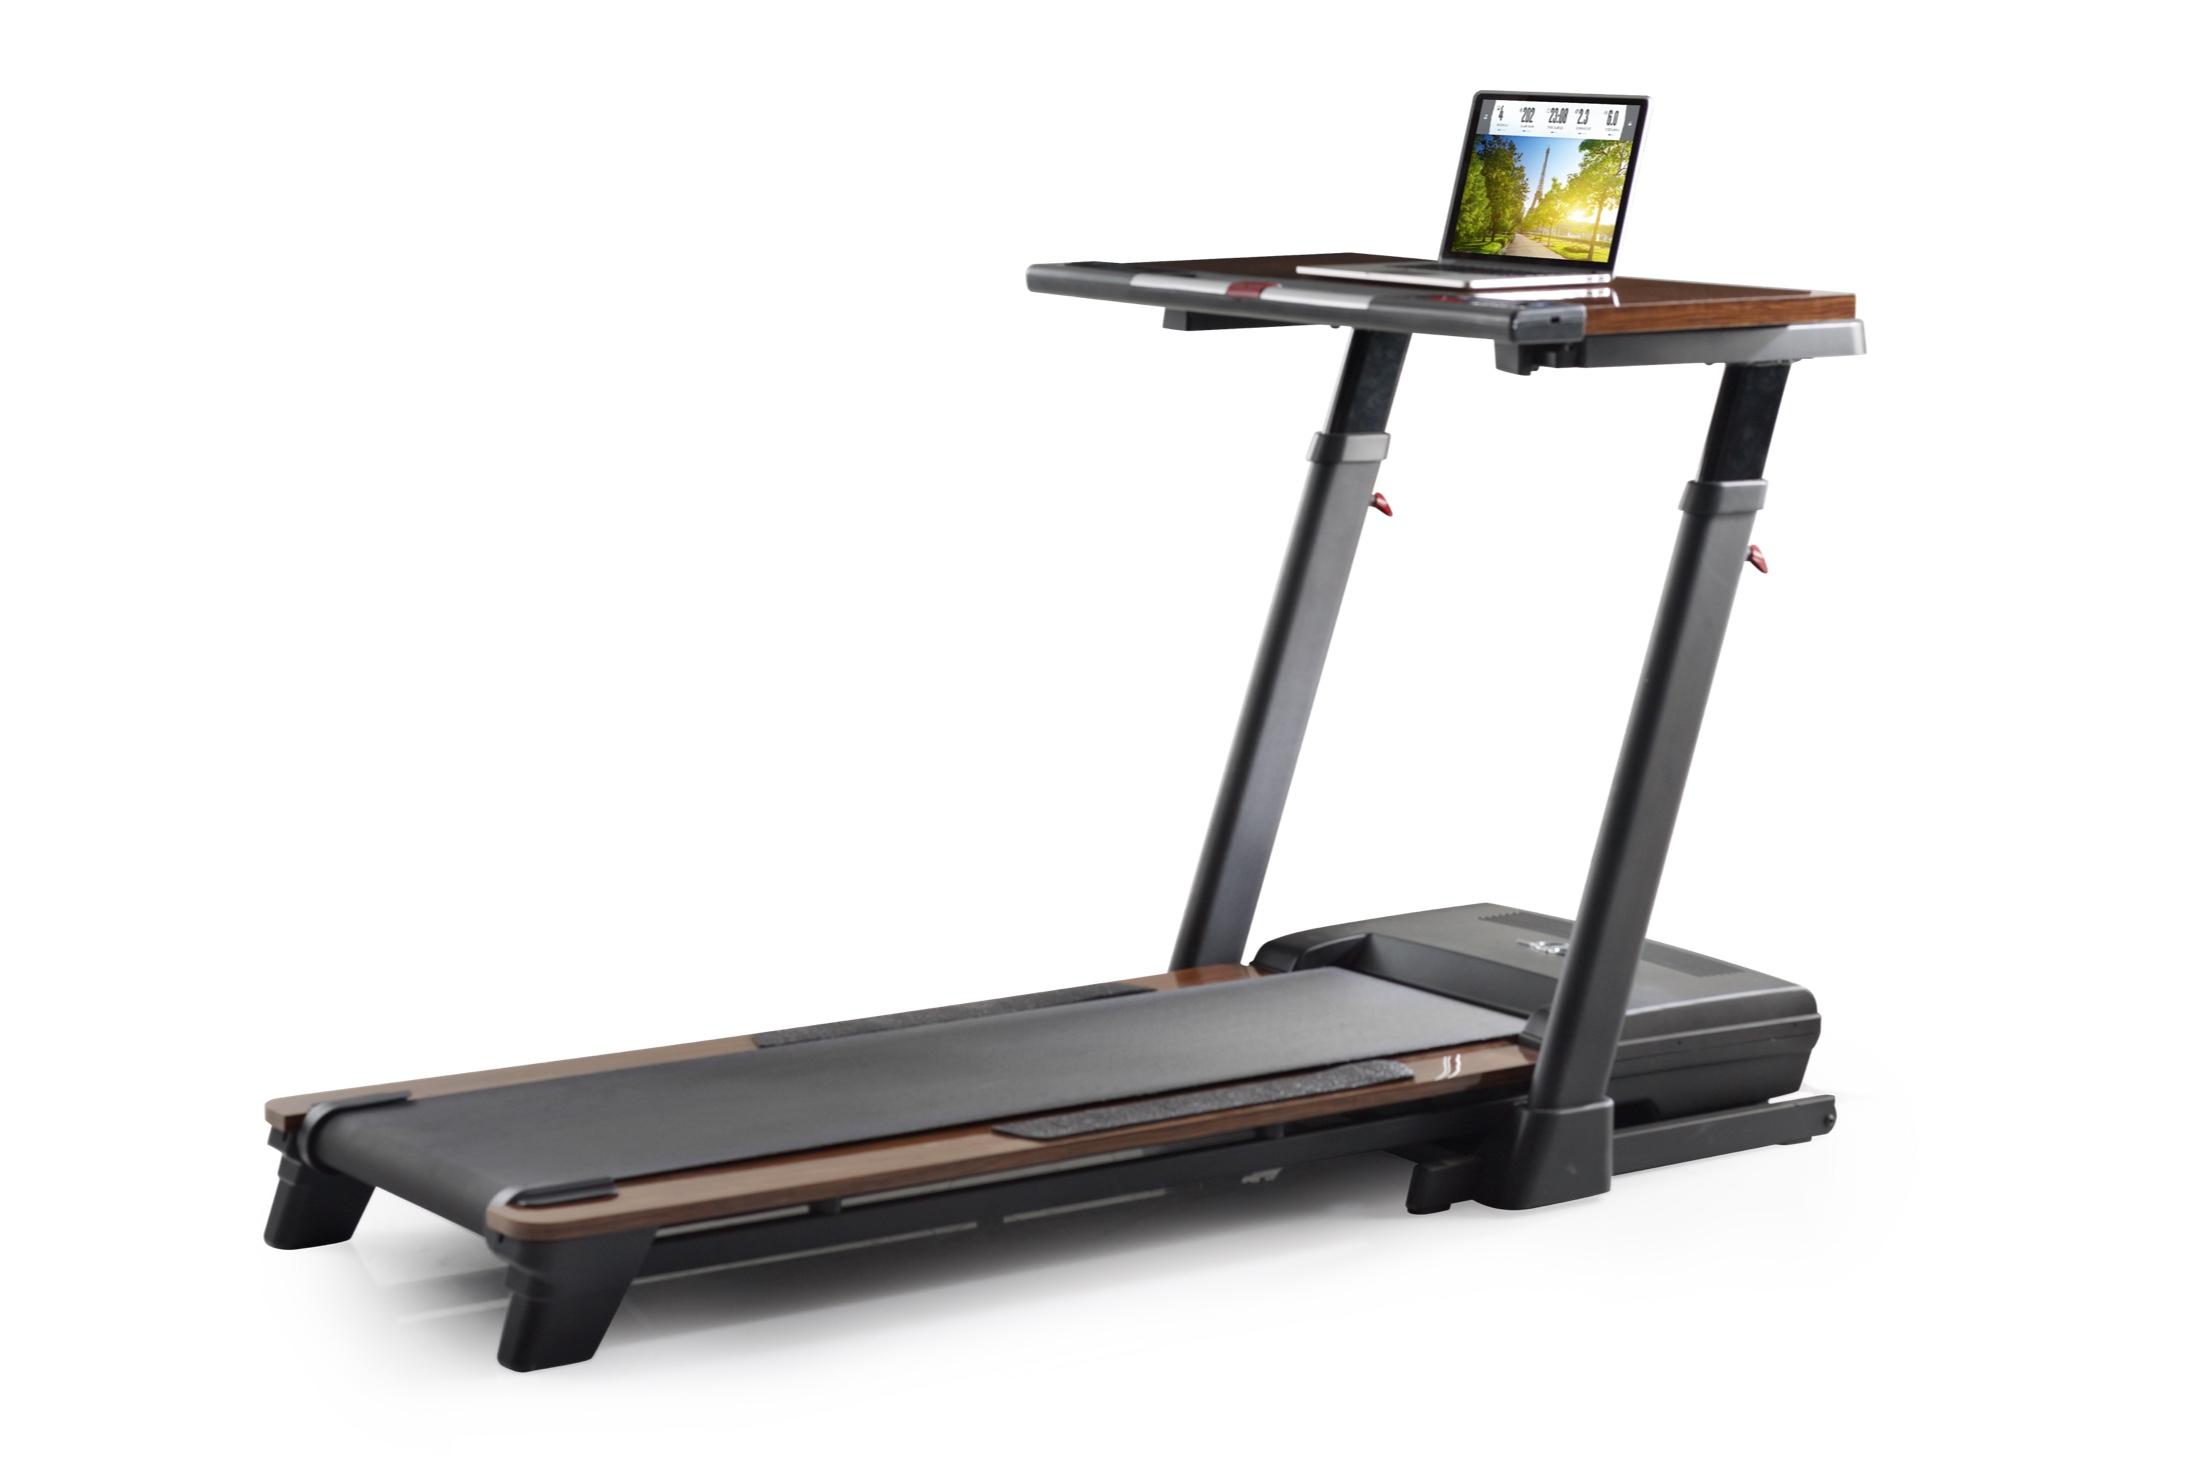 NordicTrack Treadmill Desk | NordicTrack